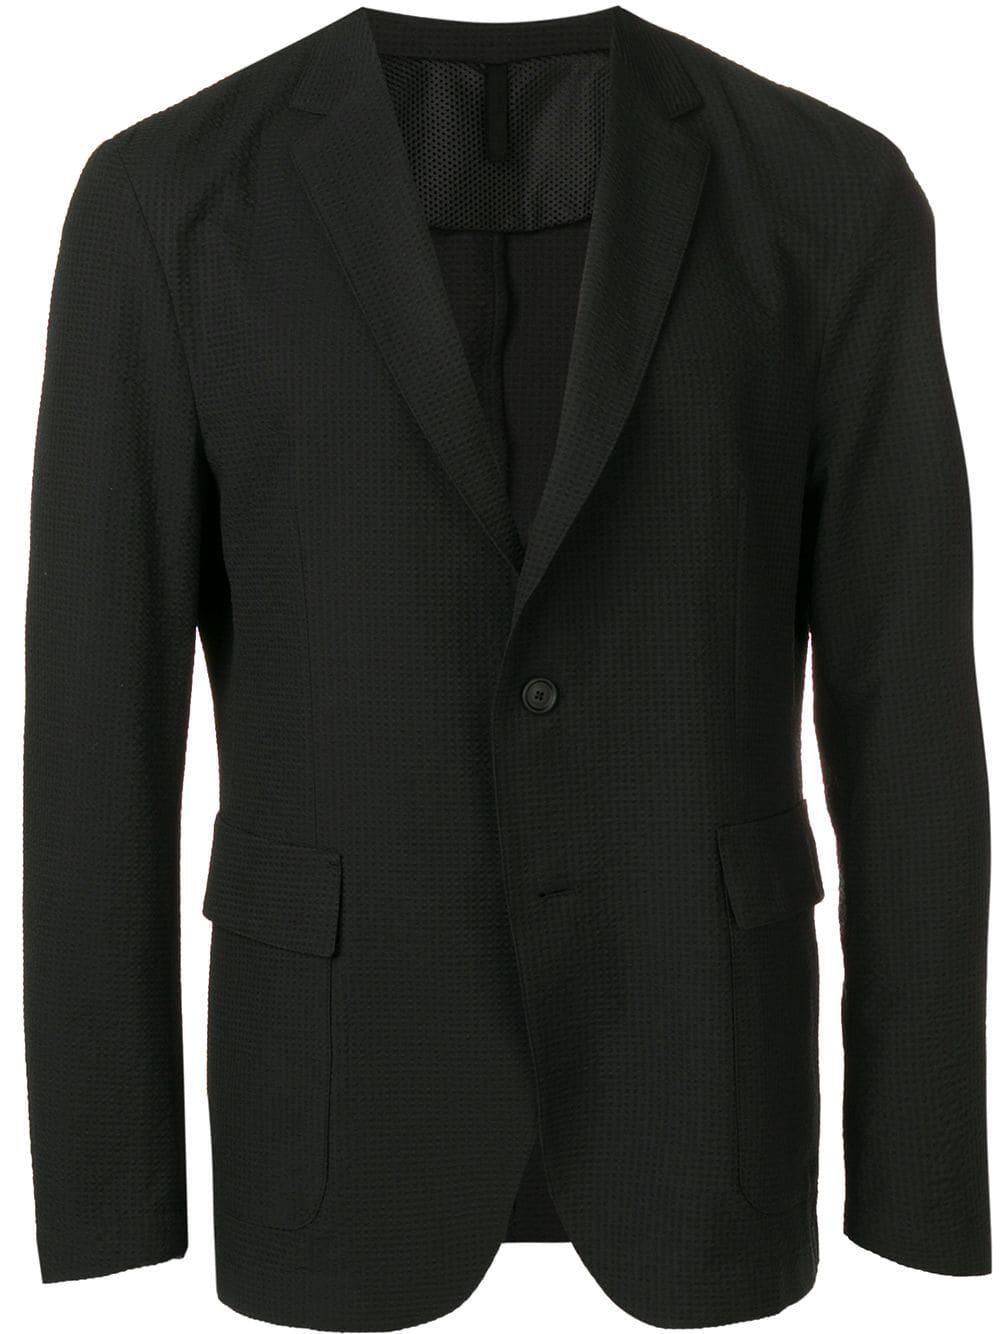 c61ab4194 Boss Hugo Boss Tailored Fitted Blazer - Black | ModeSens